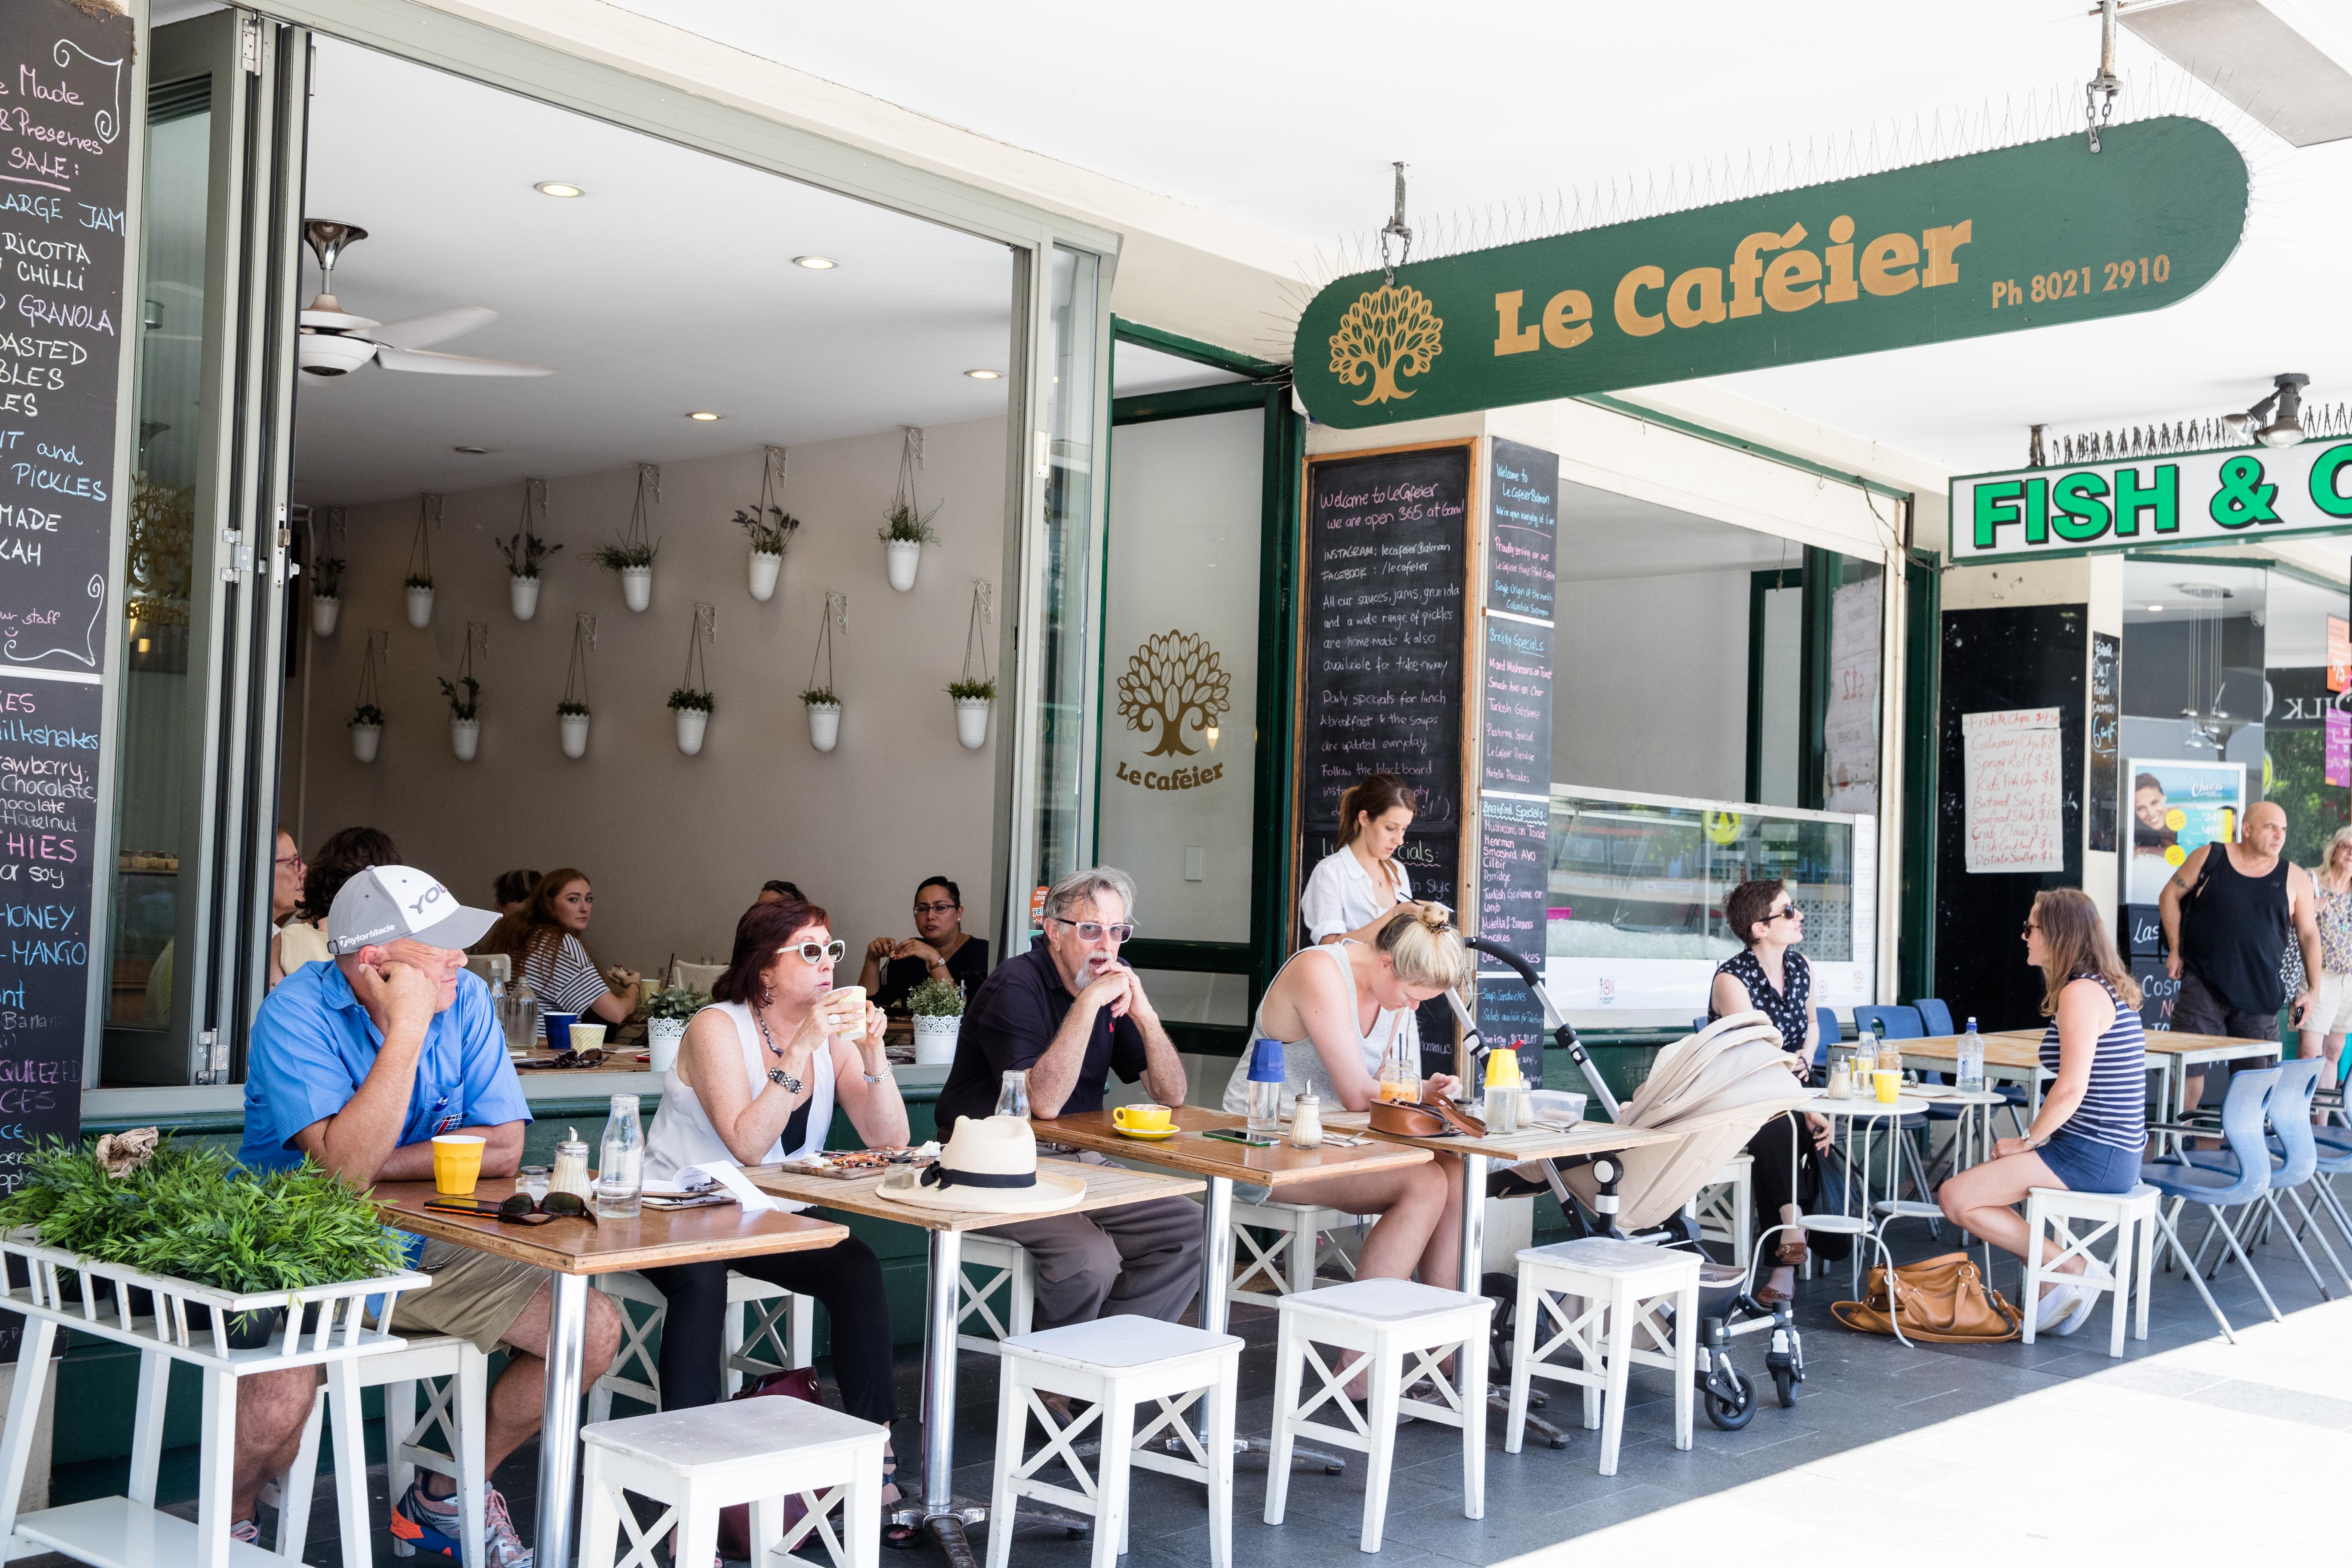 Le Cafeier in Balmain